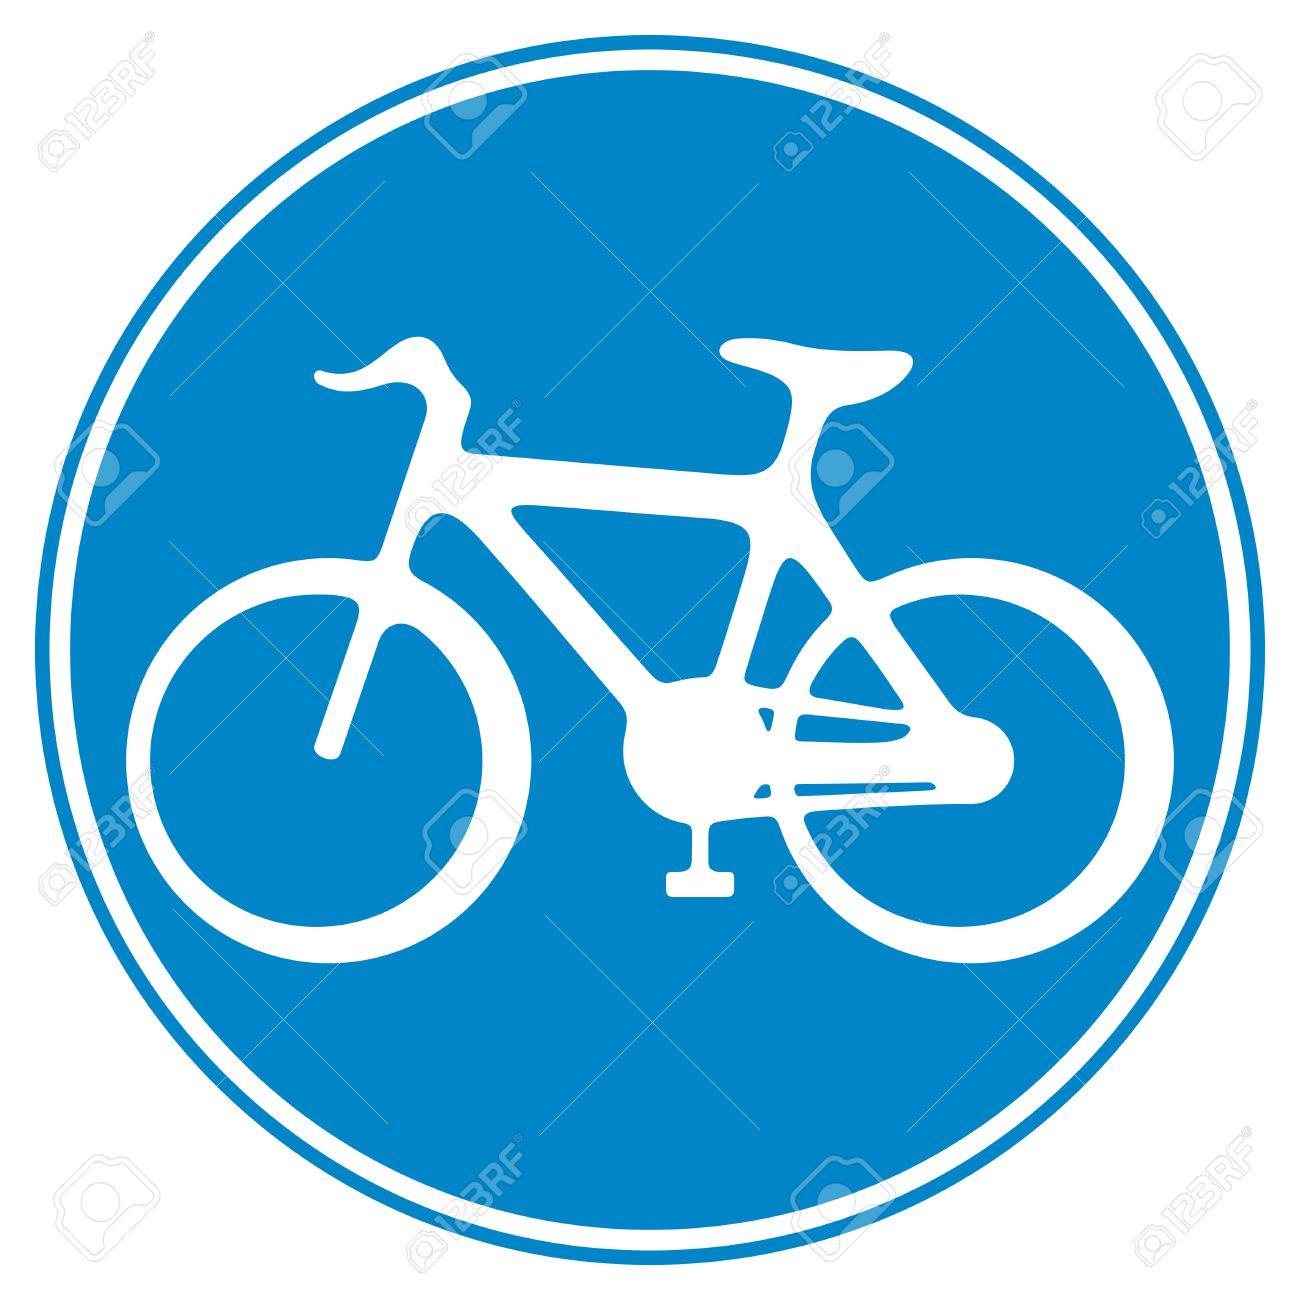 bicycle lane sign sign